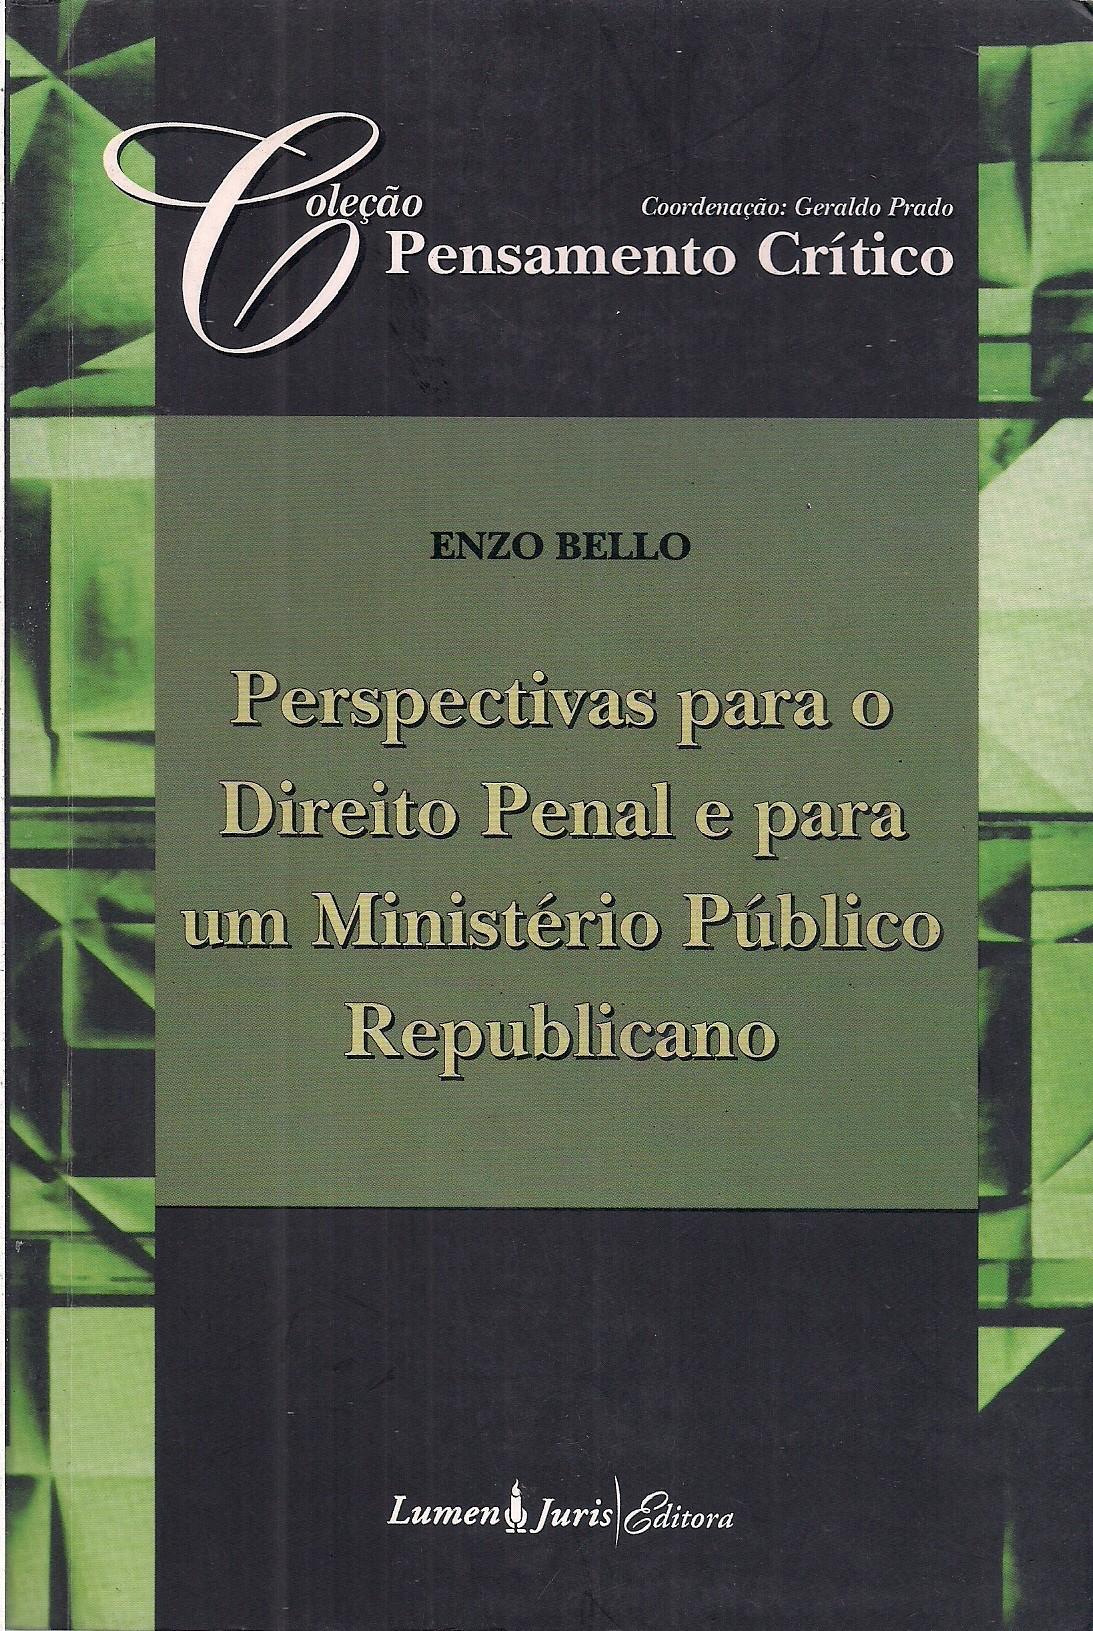 Foto 1 - Perspectivas para o Direito Penal e para um Ministério Público Republicano